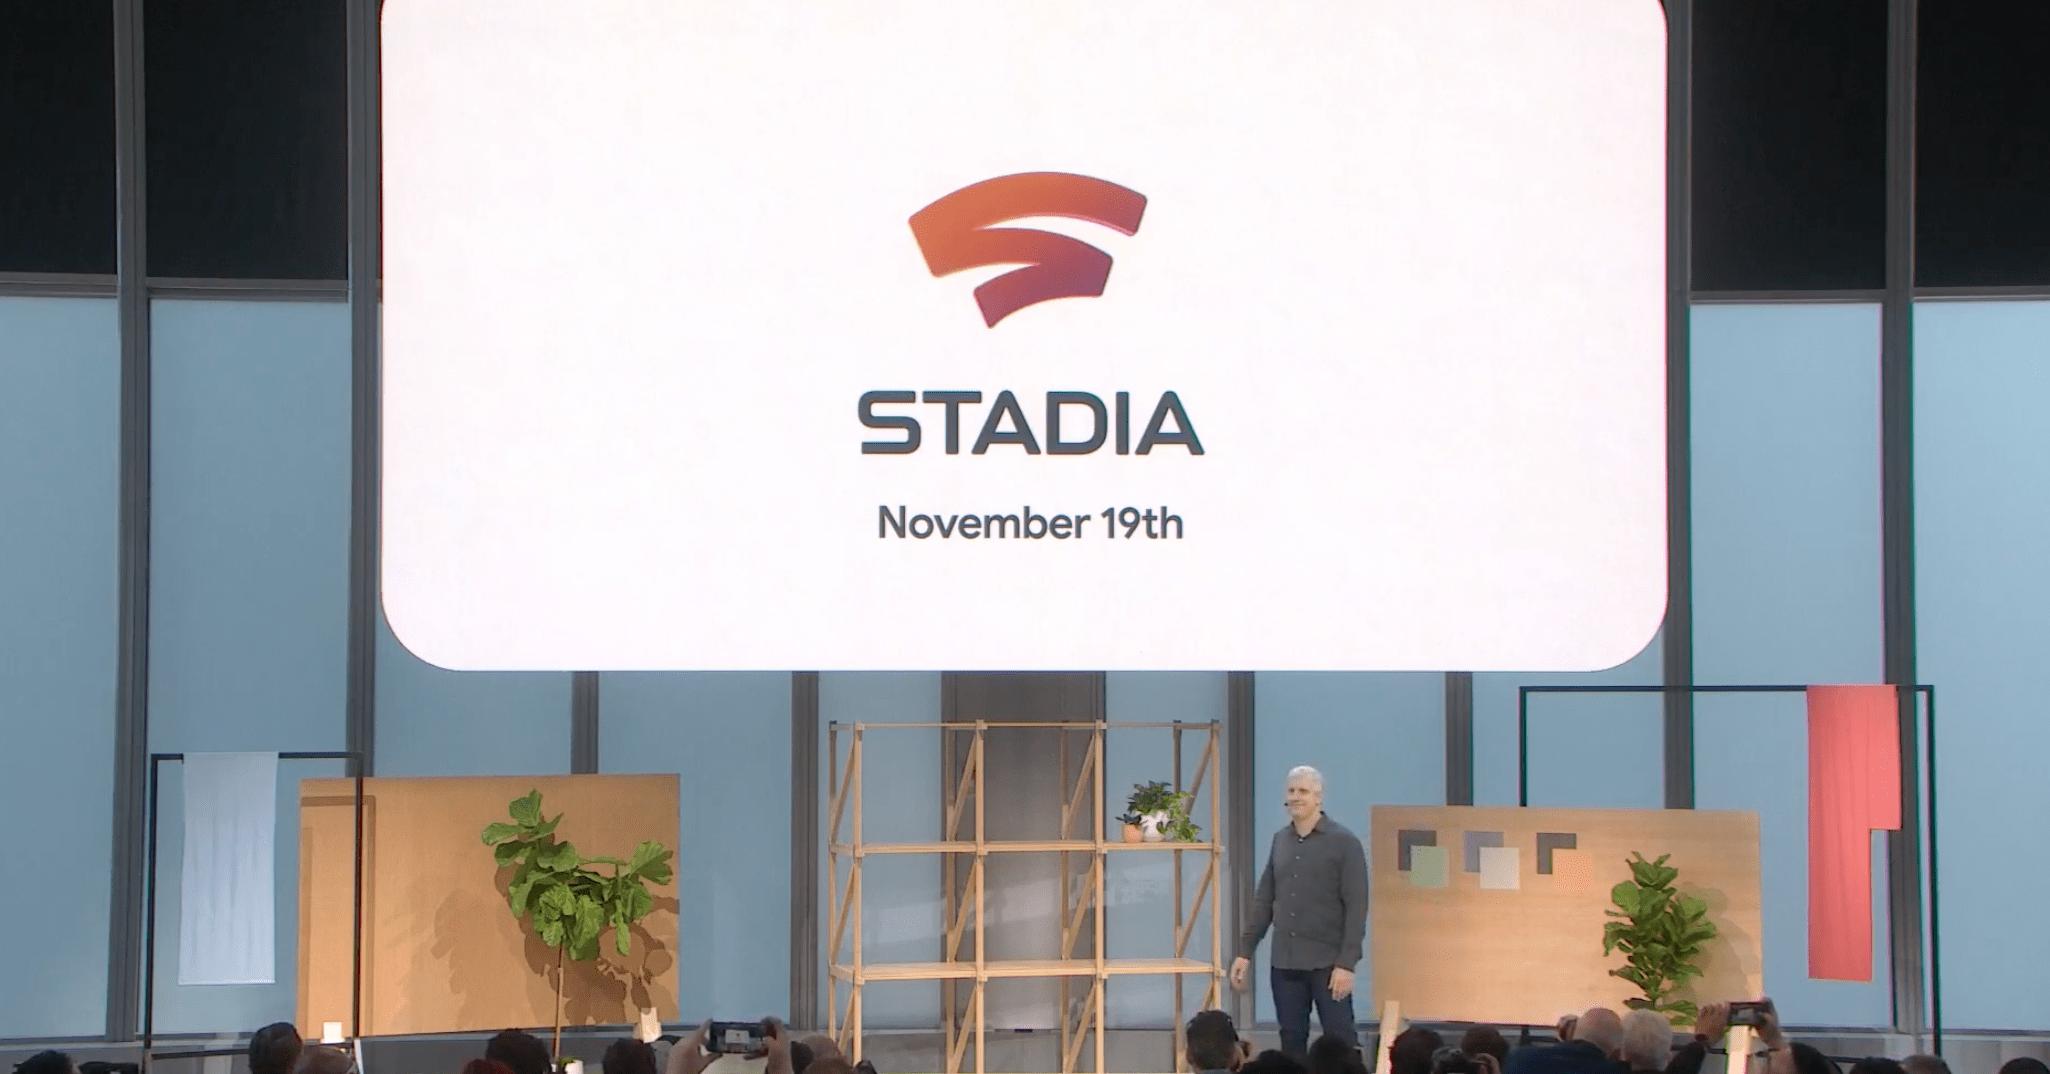 Google Stadia : les développeurs s'inquiètent d'une fermeture rapide du service